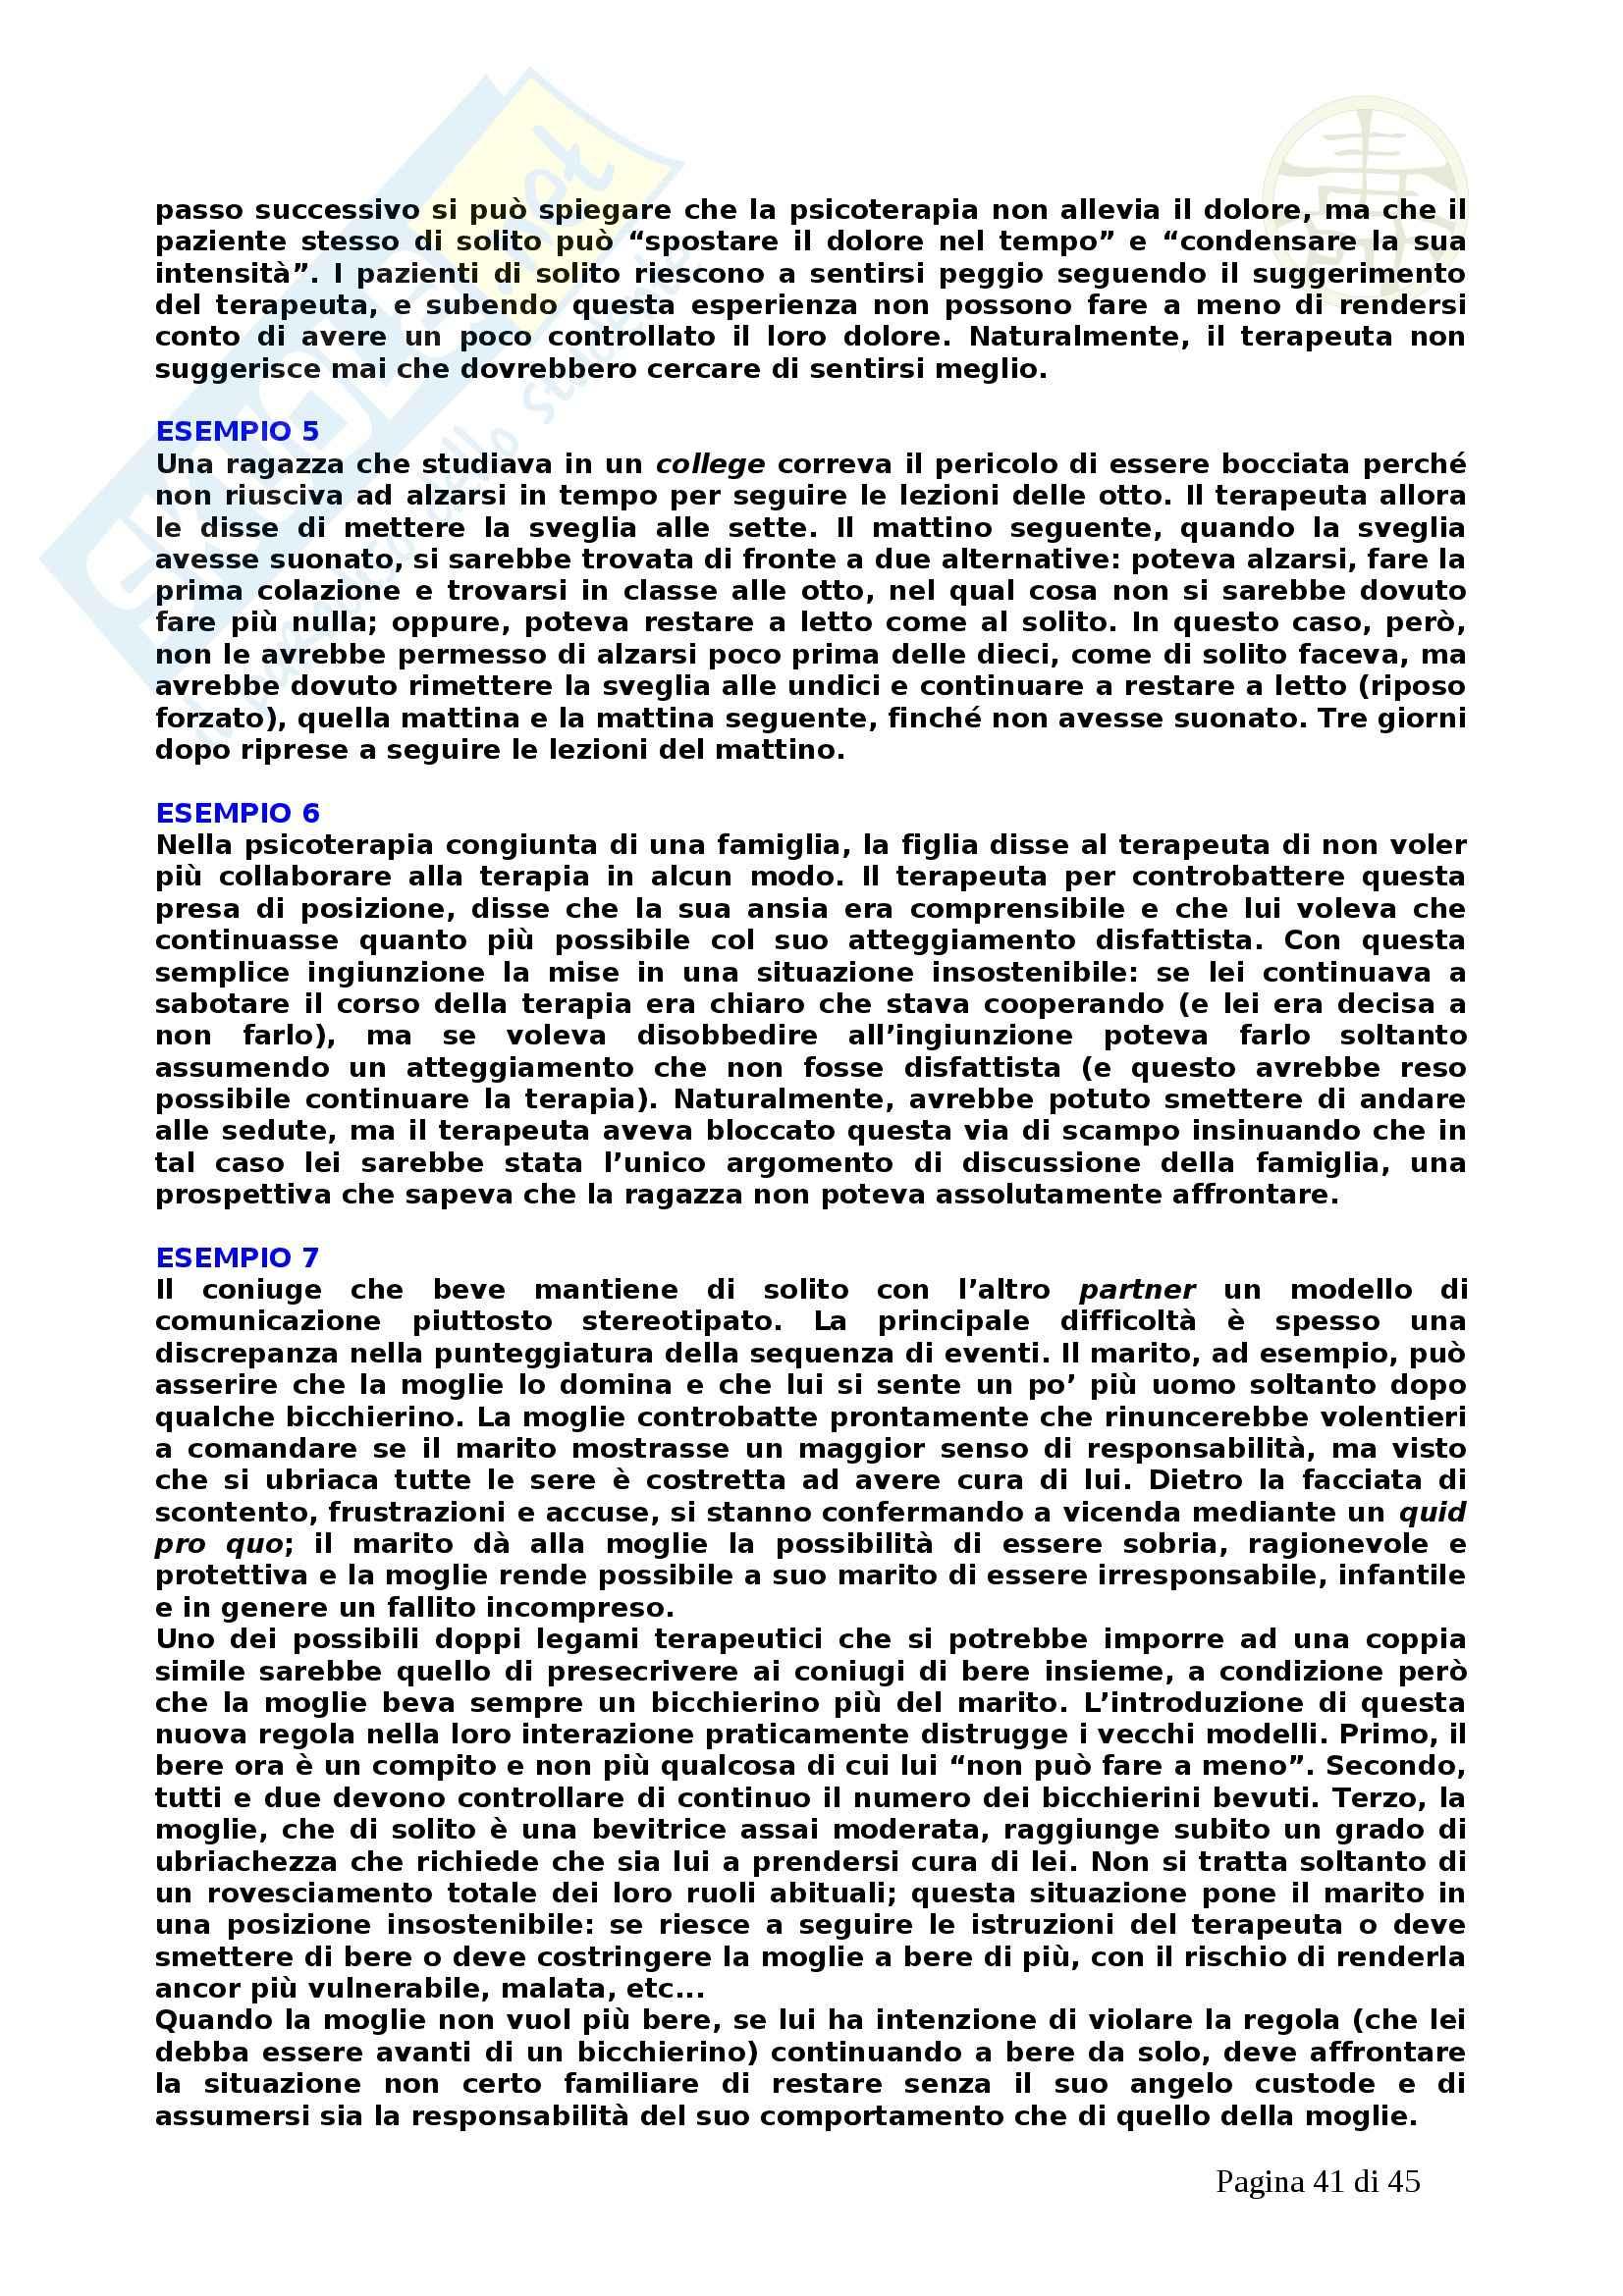 Psicologia - la pragmatica della comunicazione umana Pag. 41